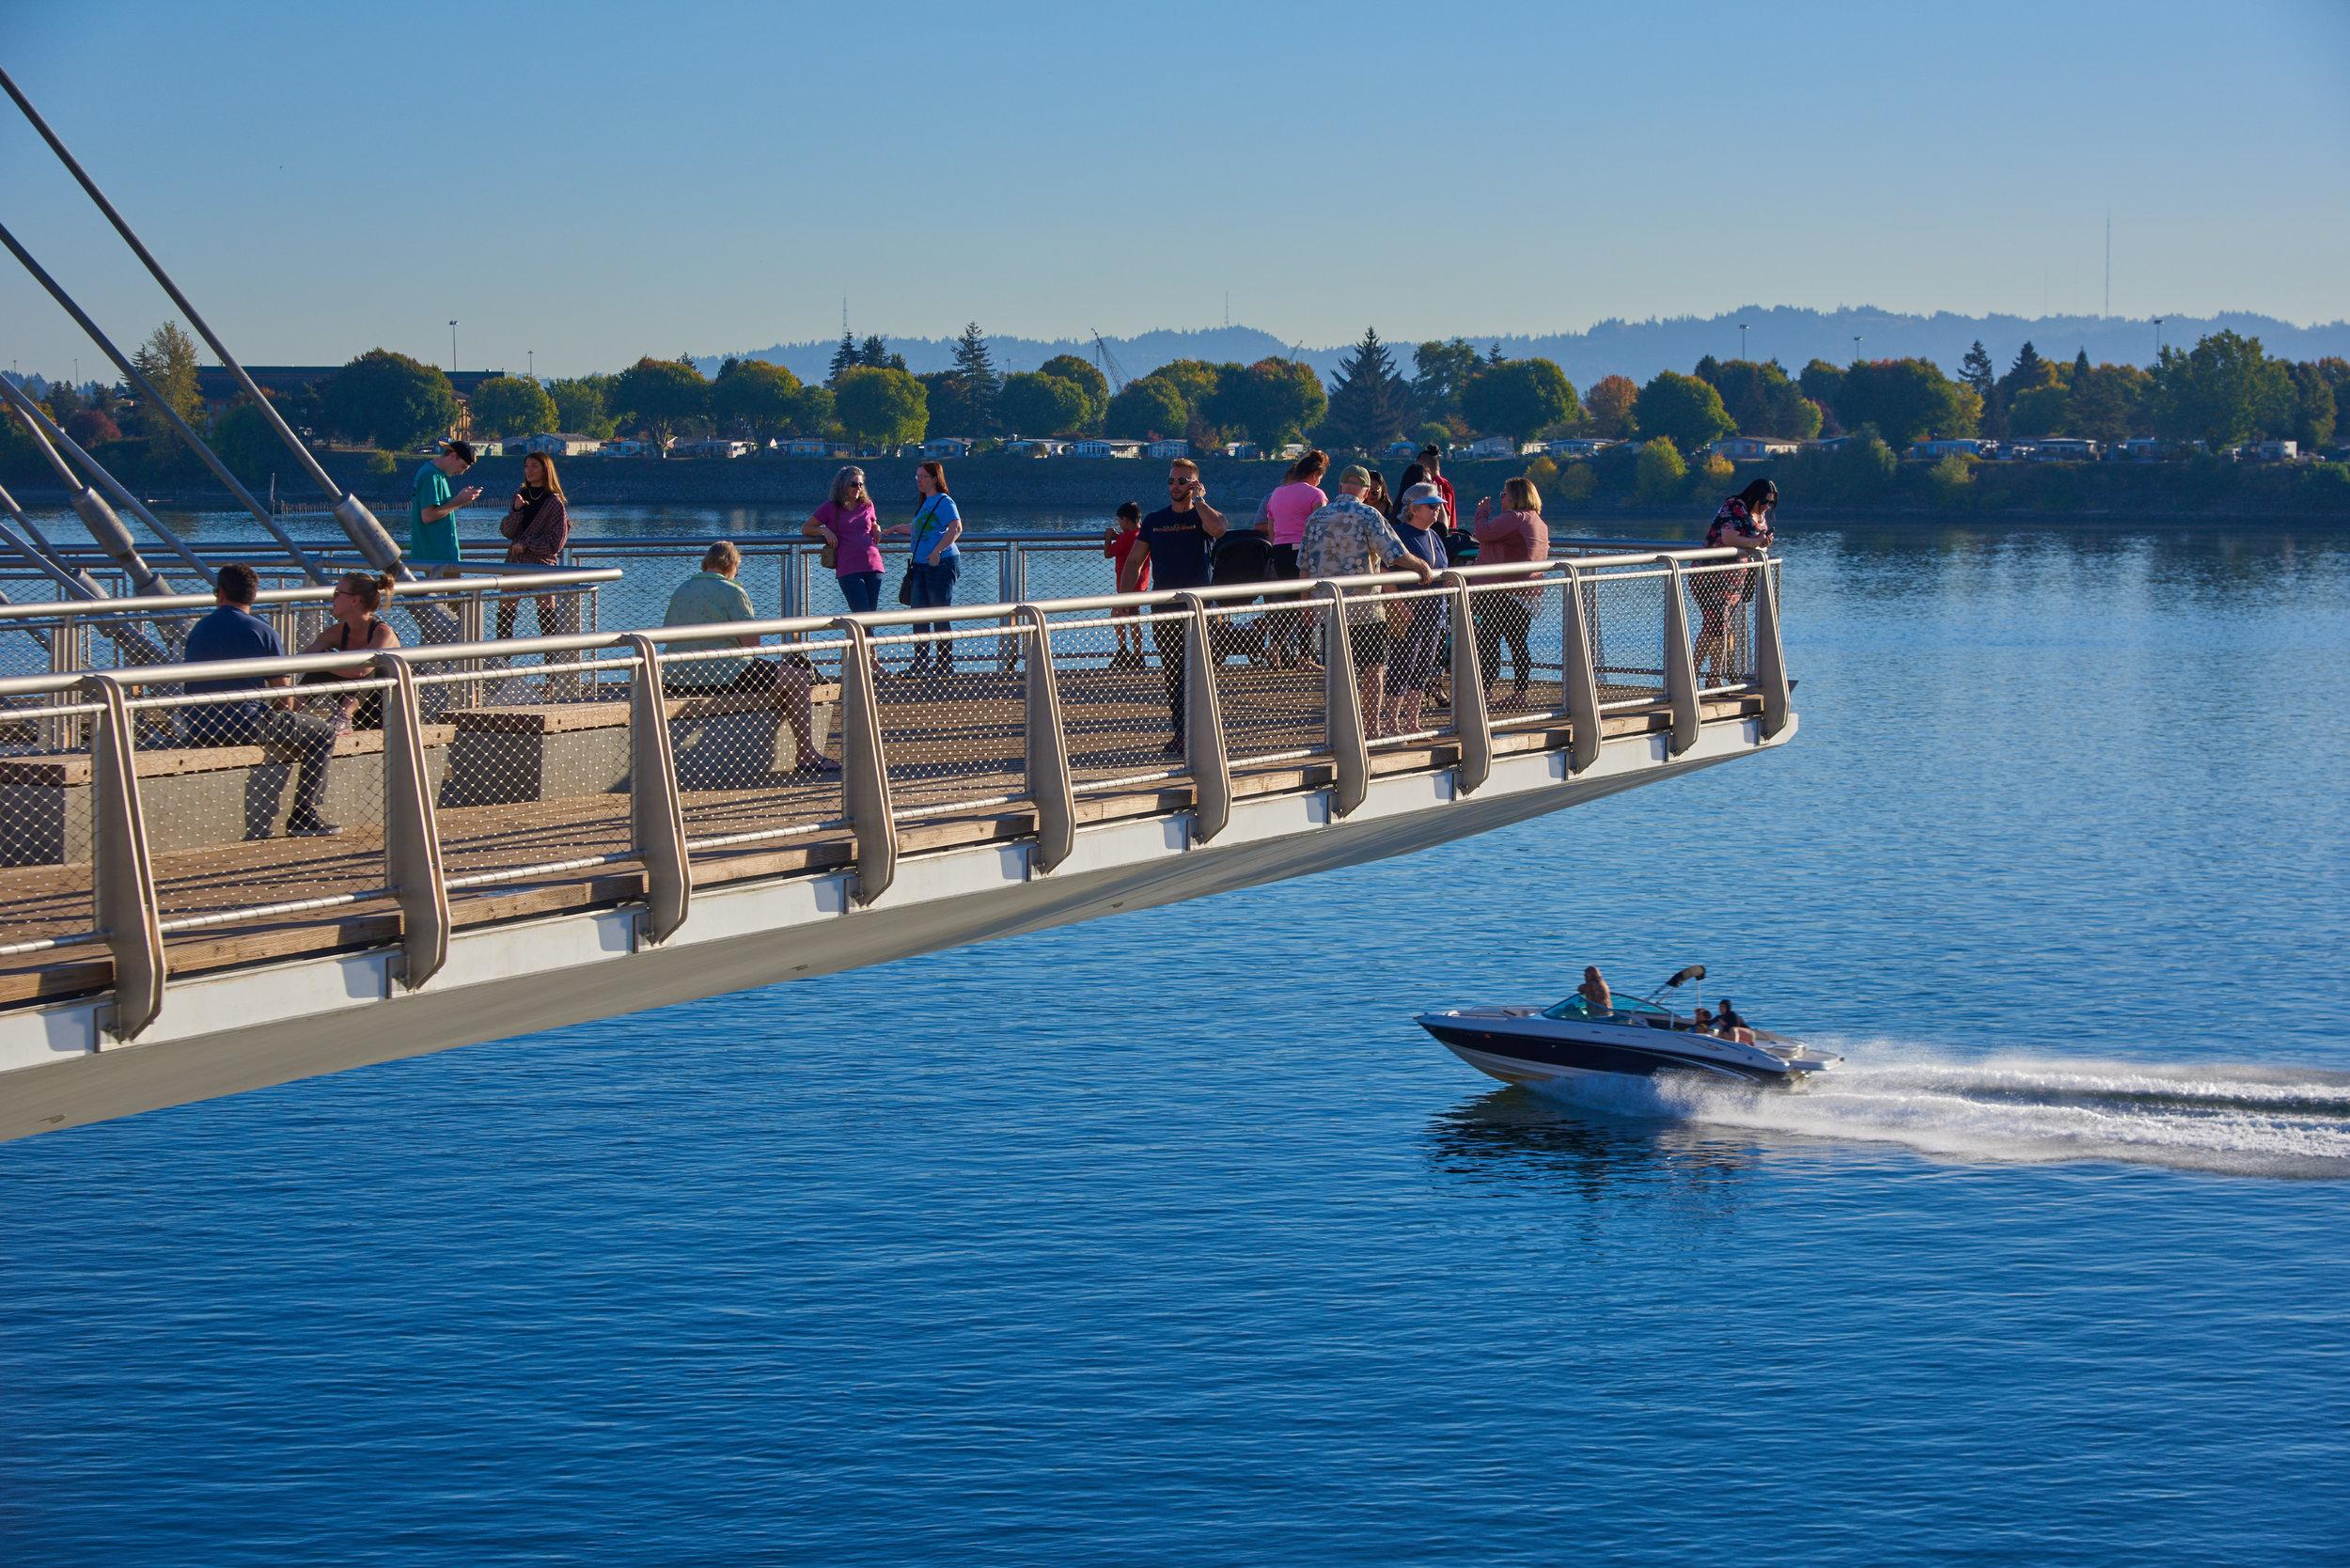 vancouver_waterfront park pier_larry kirkland_public art services_j grant projects_42.jpg